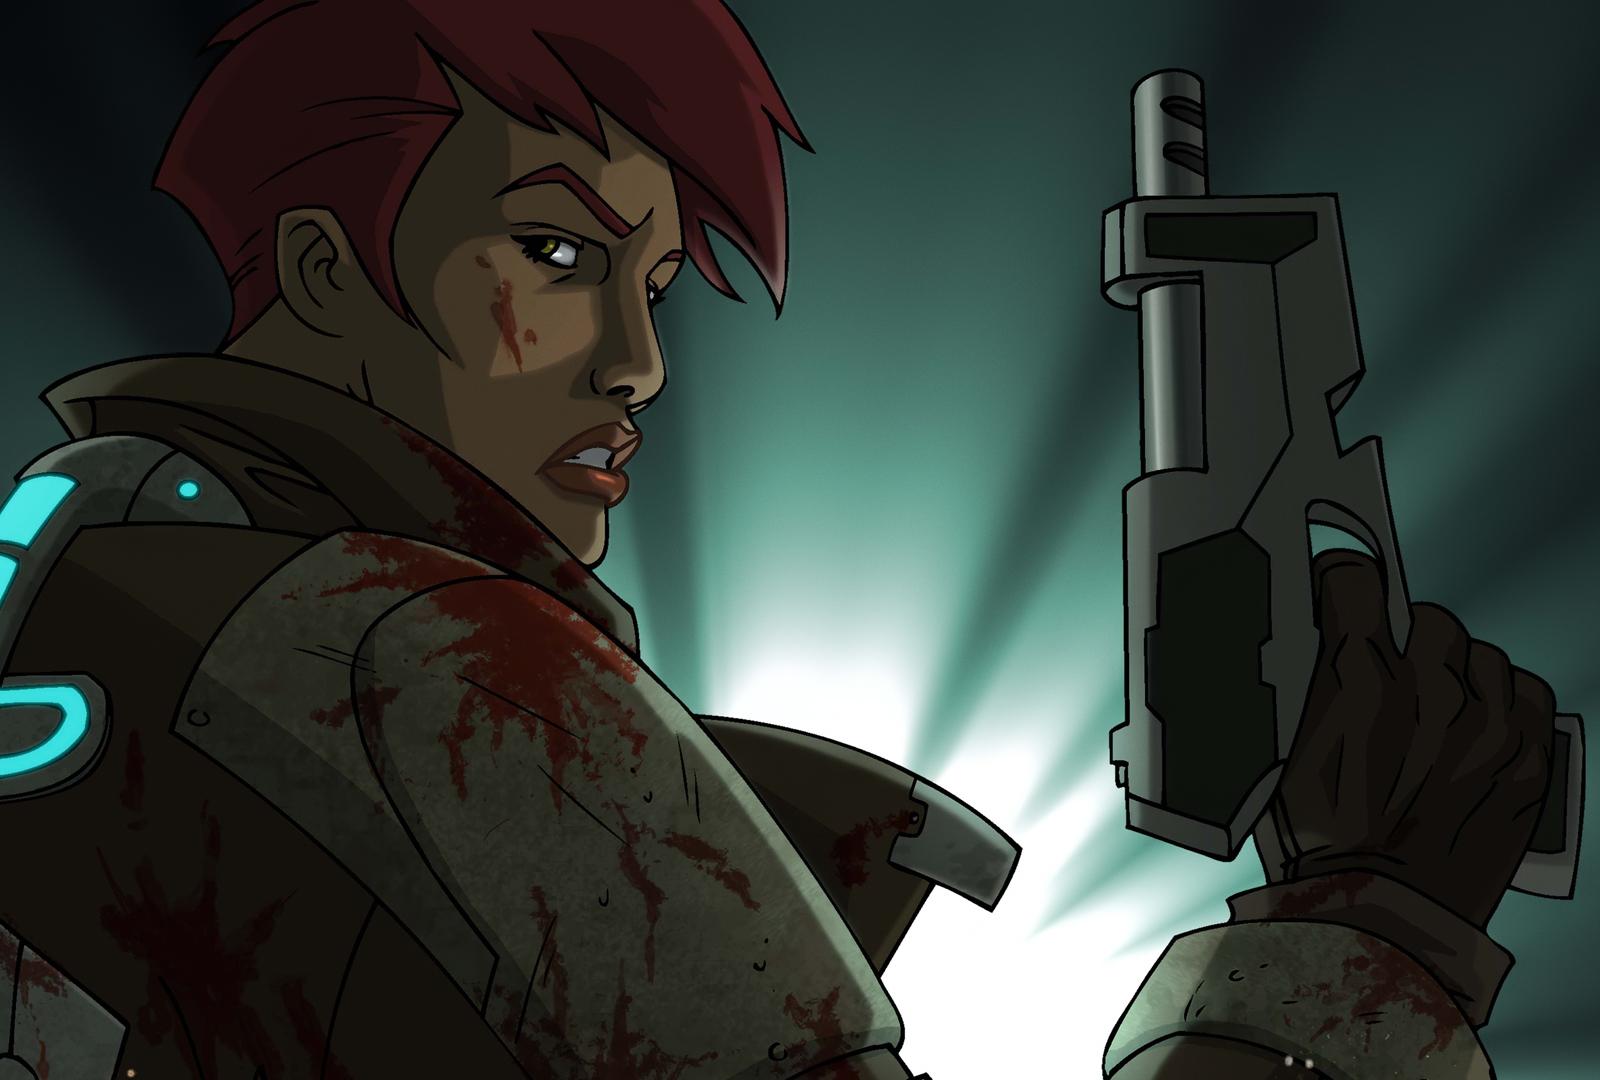 Desktop Wallpaper Dead Space Downfall 2008 Animation Movie Hd